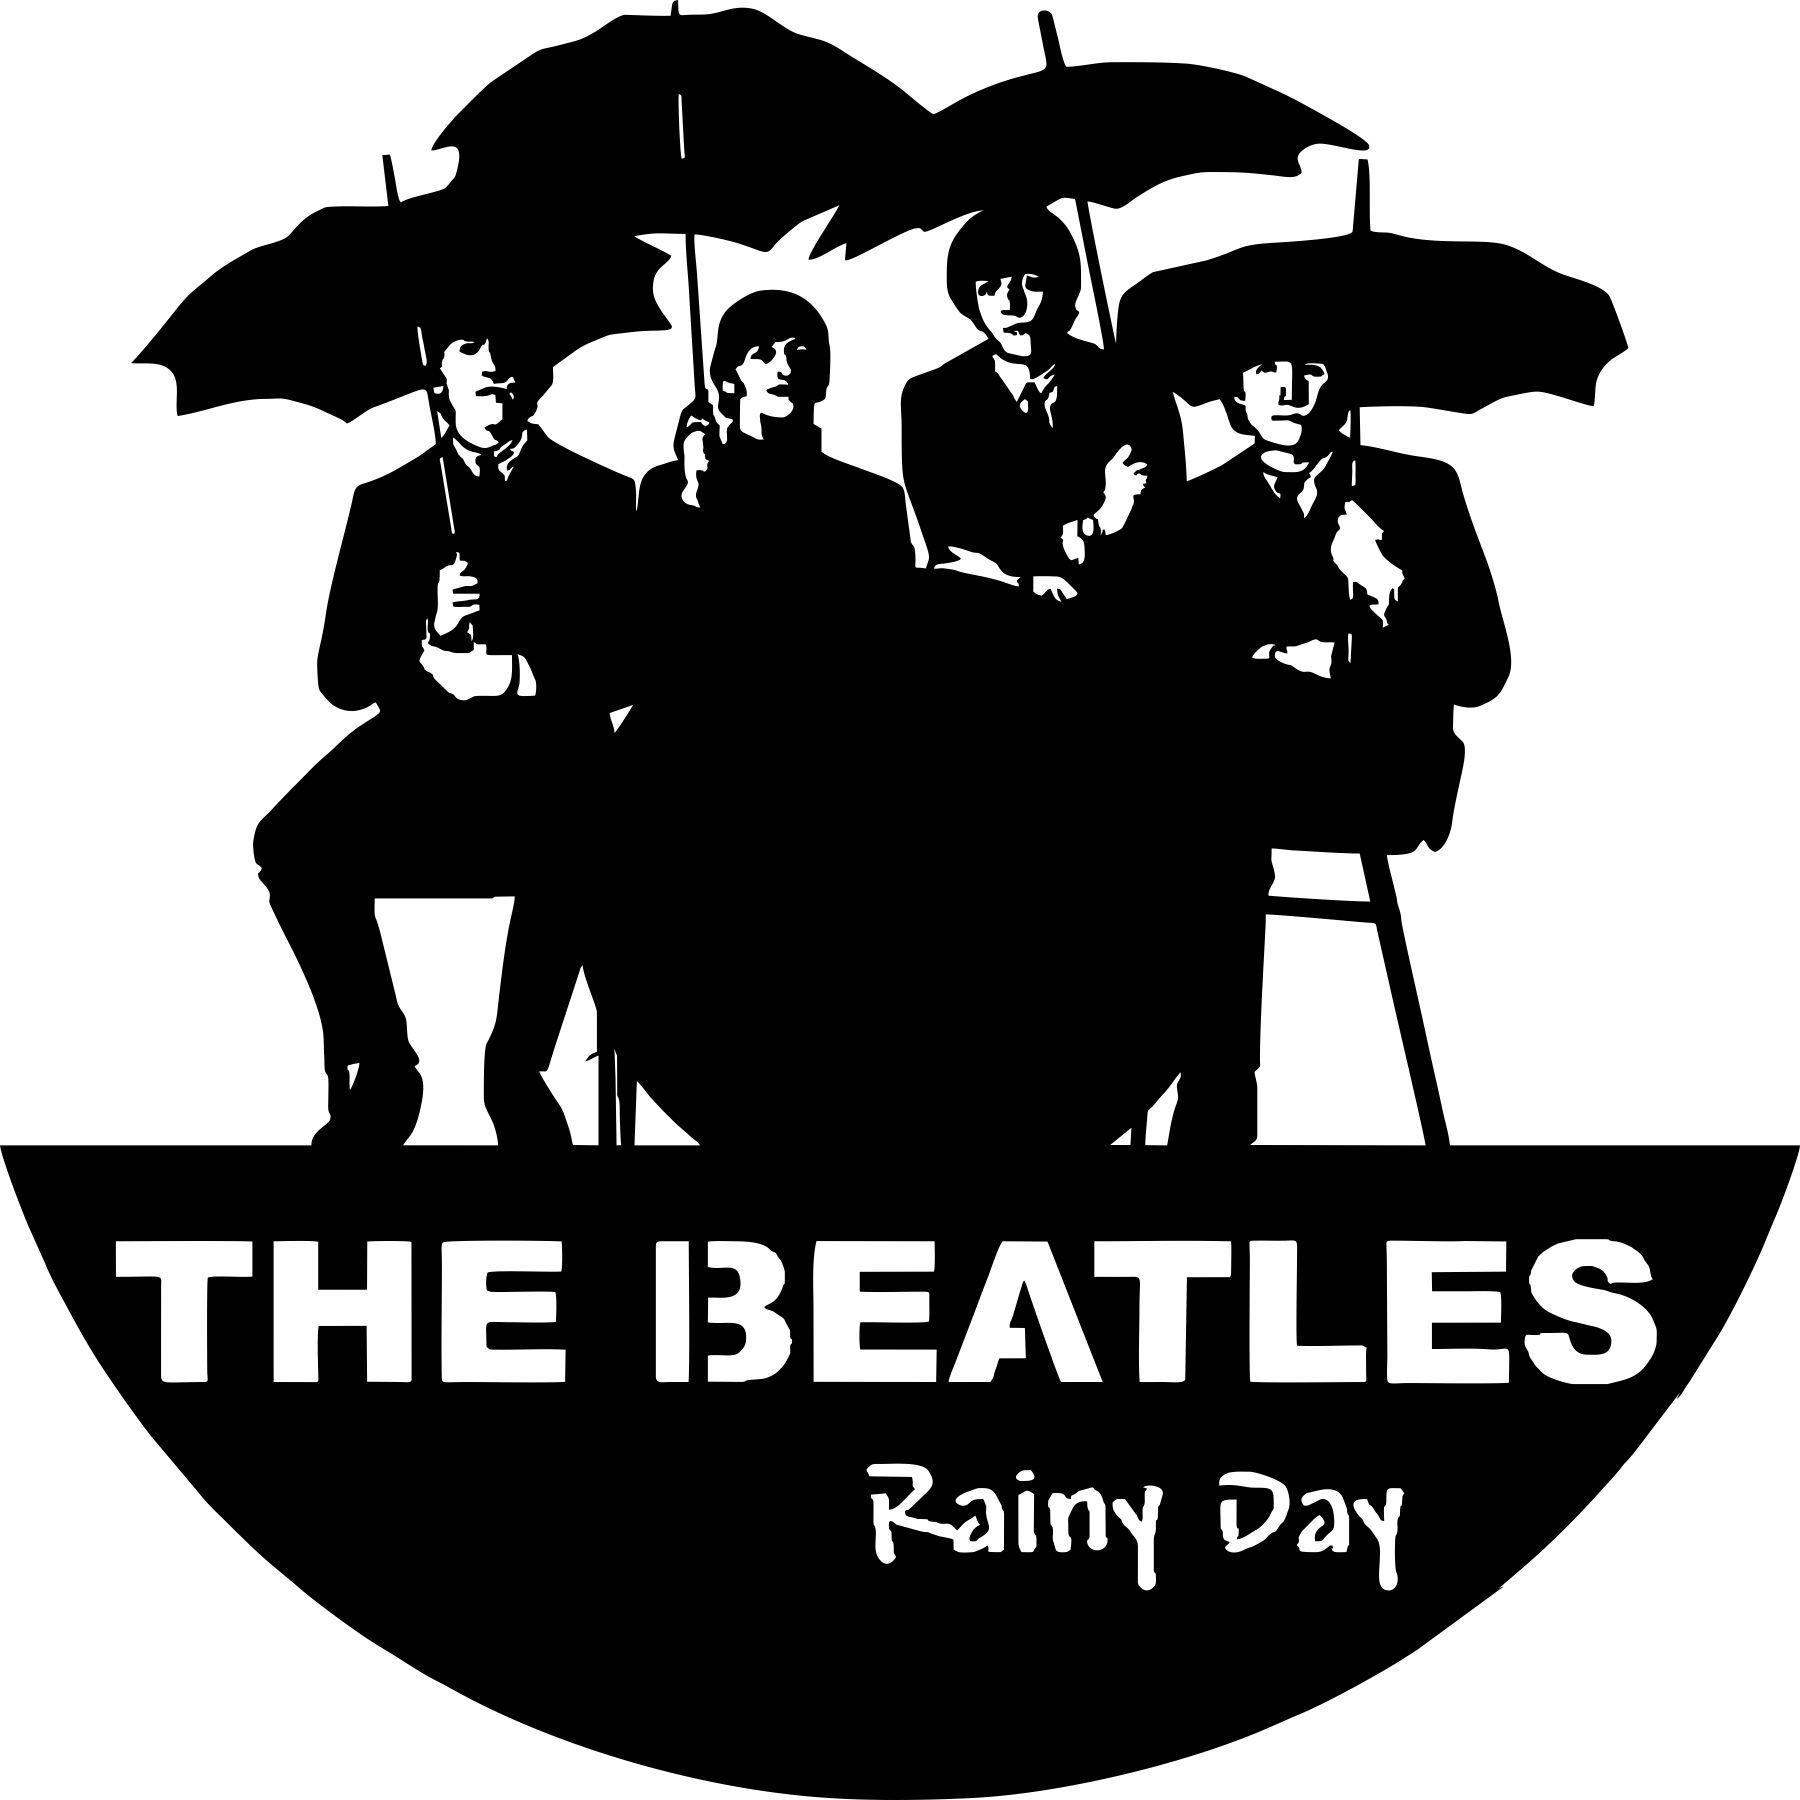 Laser Cut Epic Beatles Vinyl Wall Clocks Template Free CDR Vectors Art